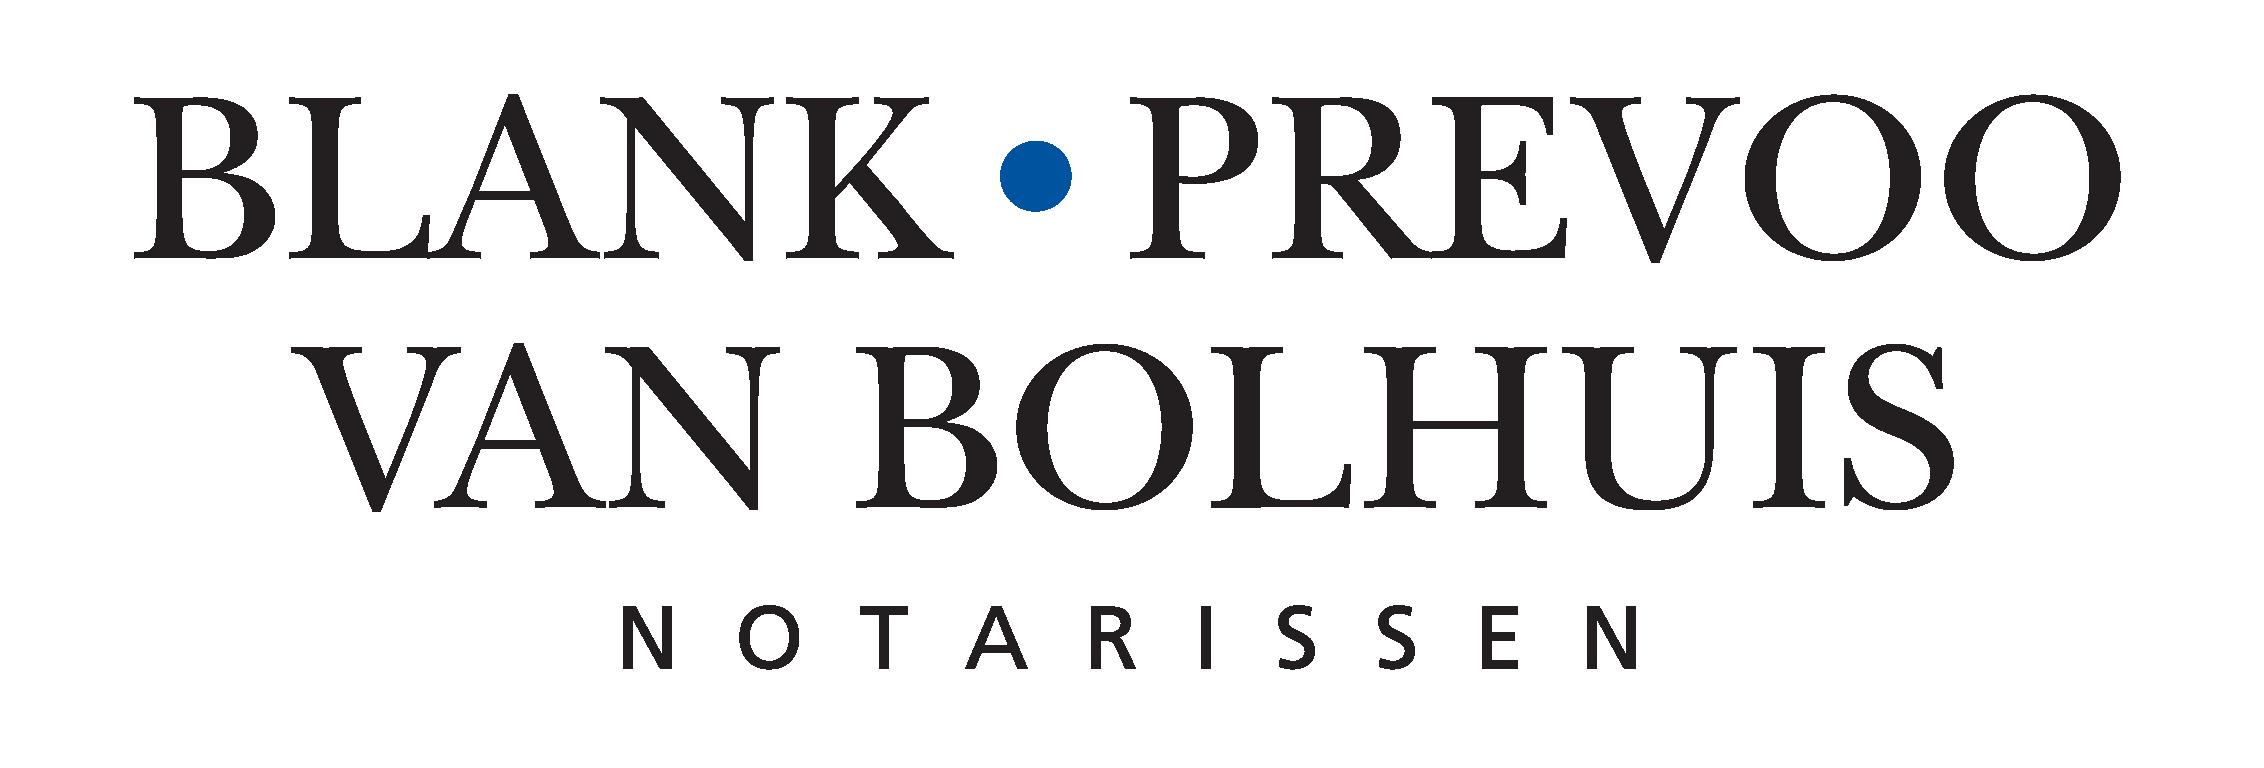 Blank Prevoo Van Bolhuis Notarissen